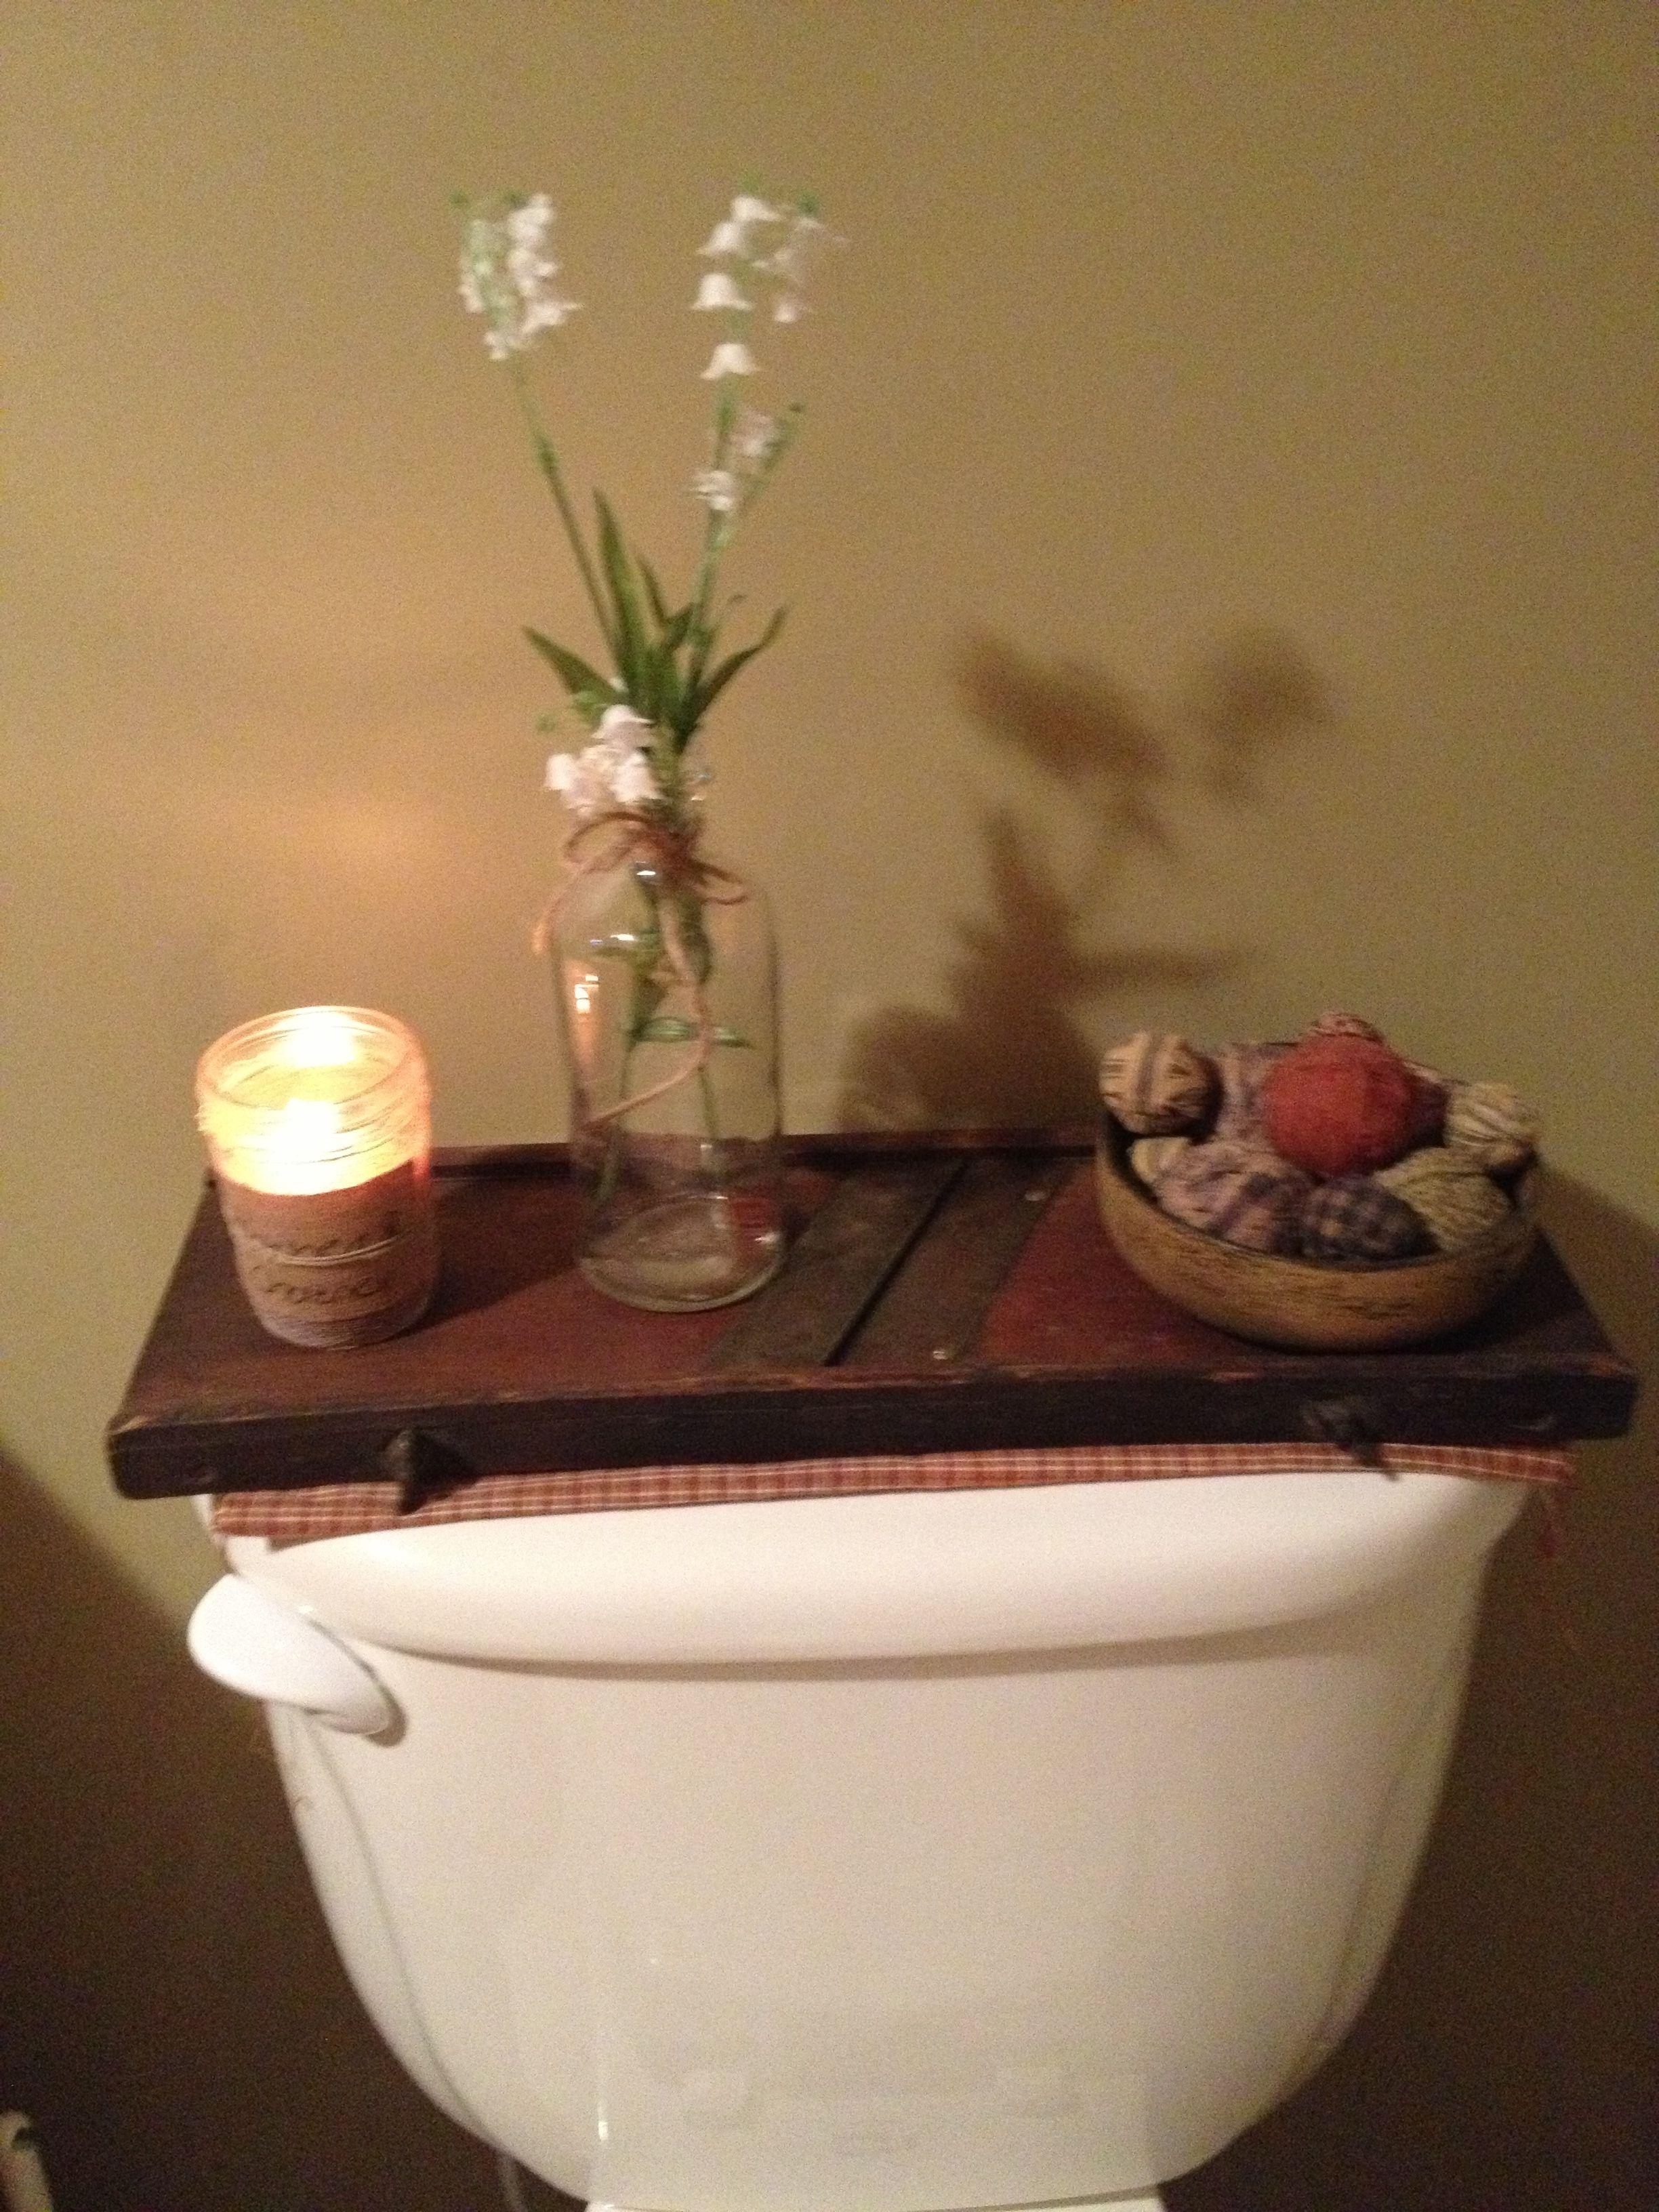 Toilet Tank Cover Toilet Tank Cover Top Decor Ideas Diy Bathroom Decor